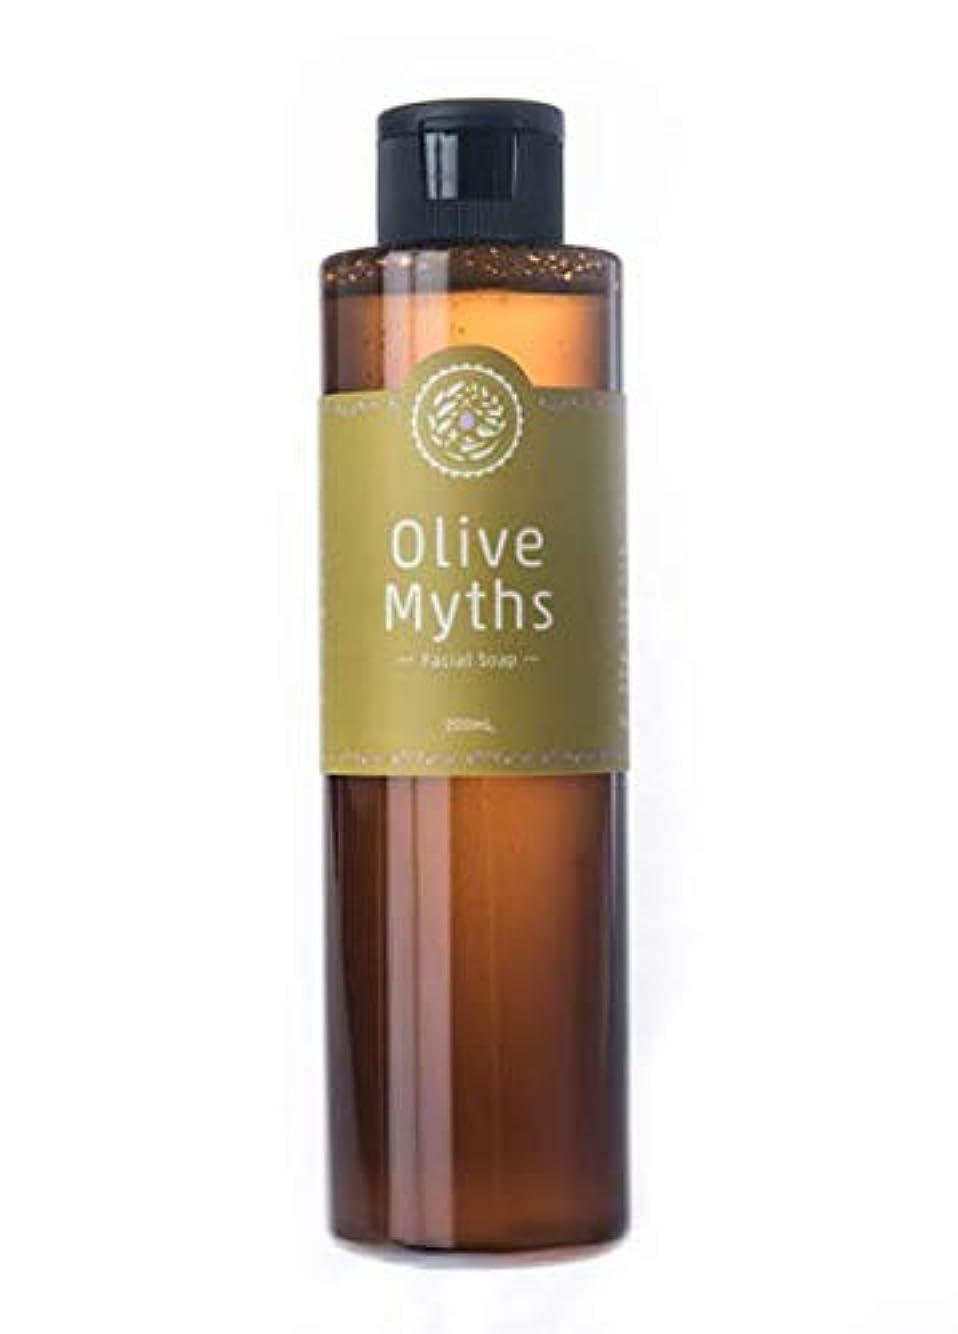 ディレイスタッフいらいらするmaestria. OliveMyths 『Olive Myths フェイシャルソープ』200ml MJOM-002